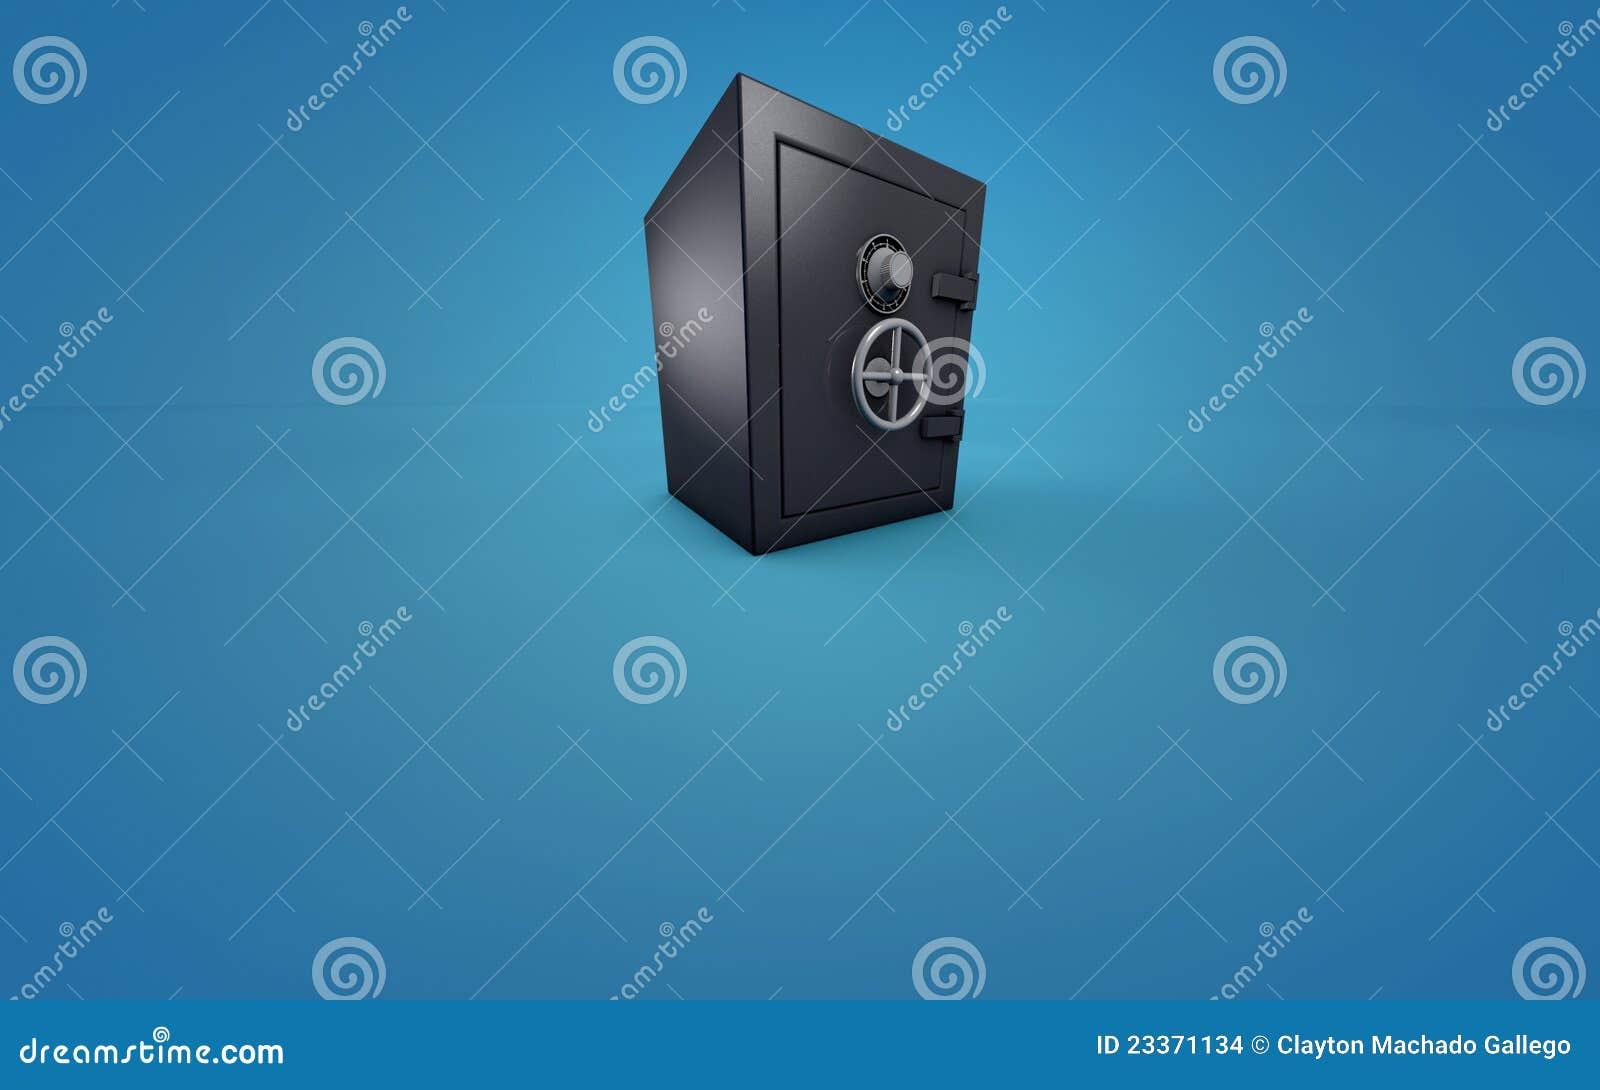 Bank vault or safe